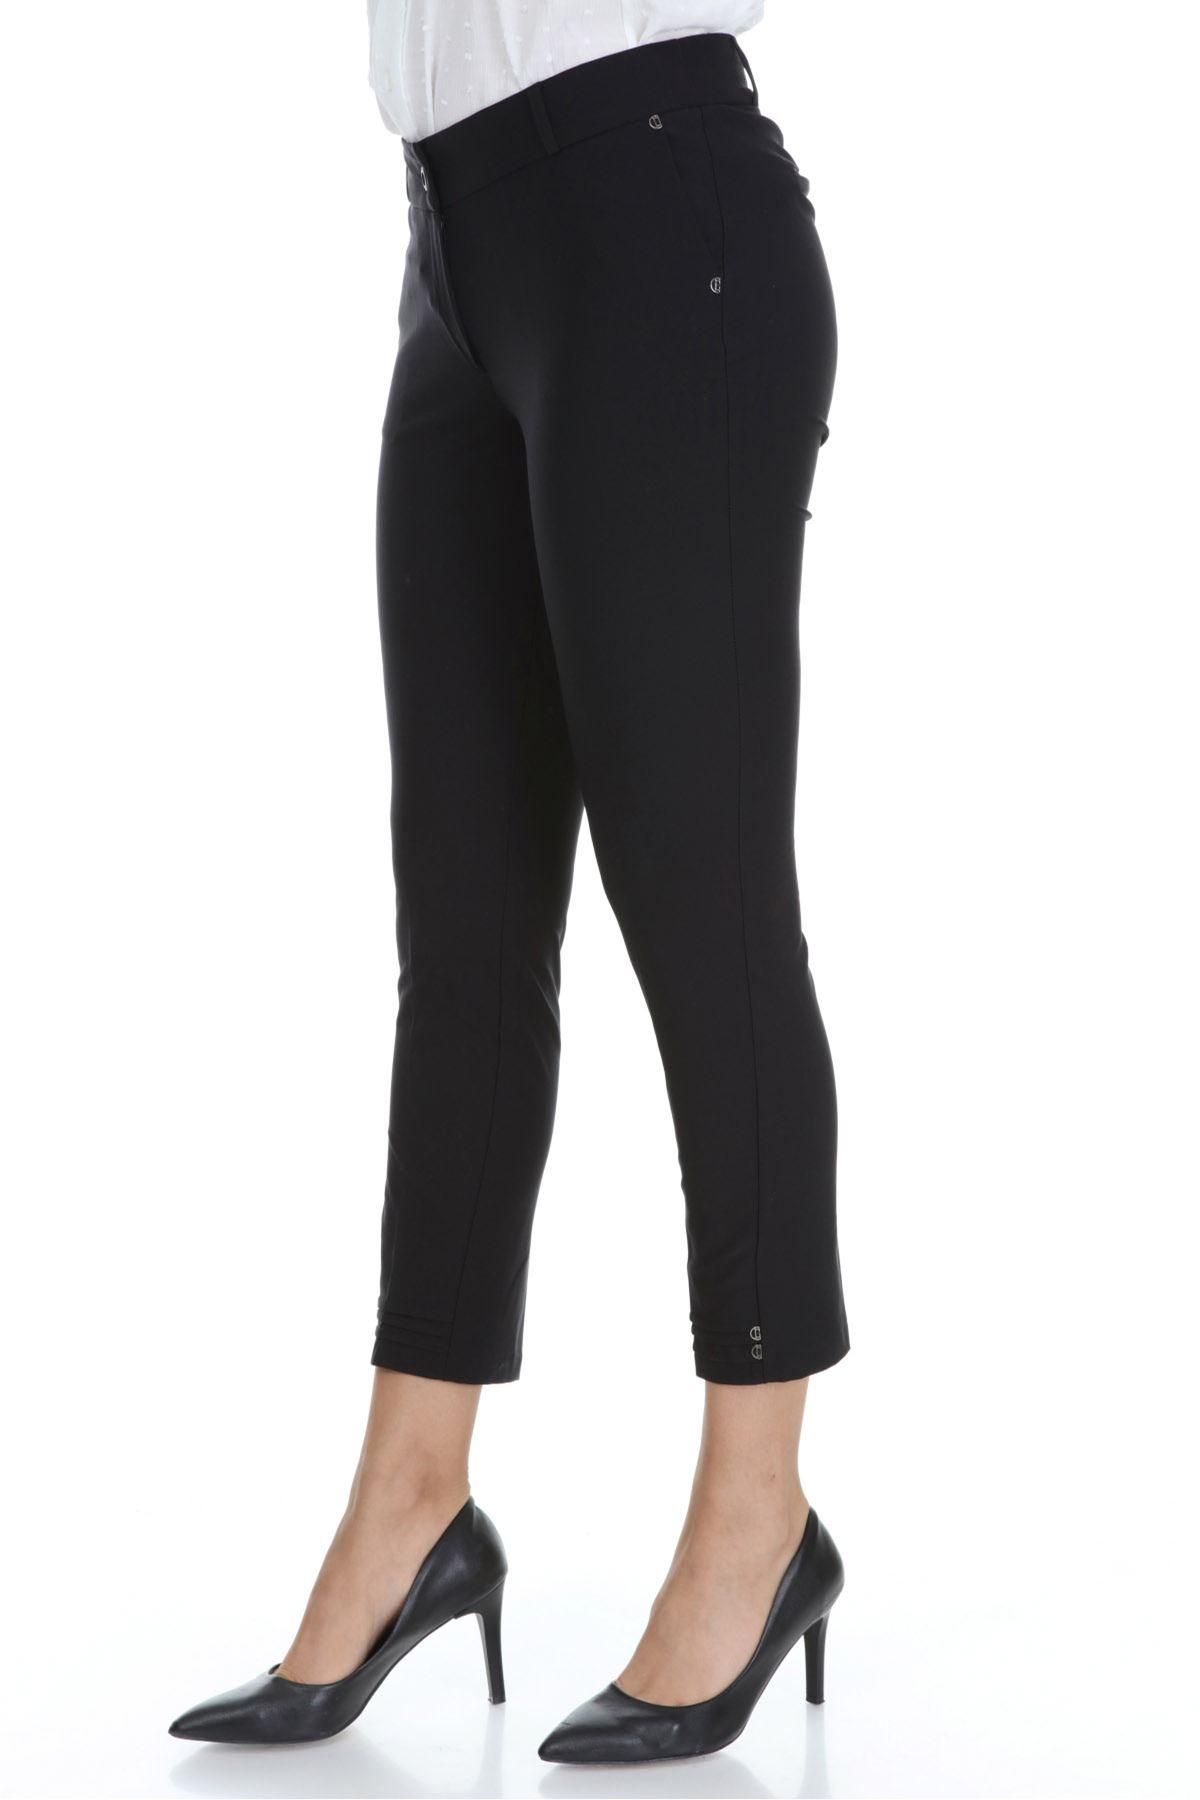 Siyah Cepli Kumaş Büyük Beden Pantolon 31E-3113